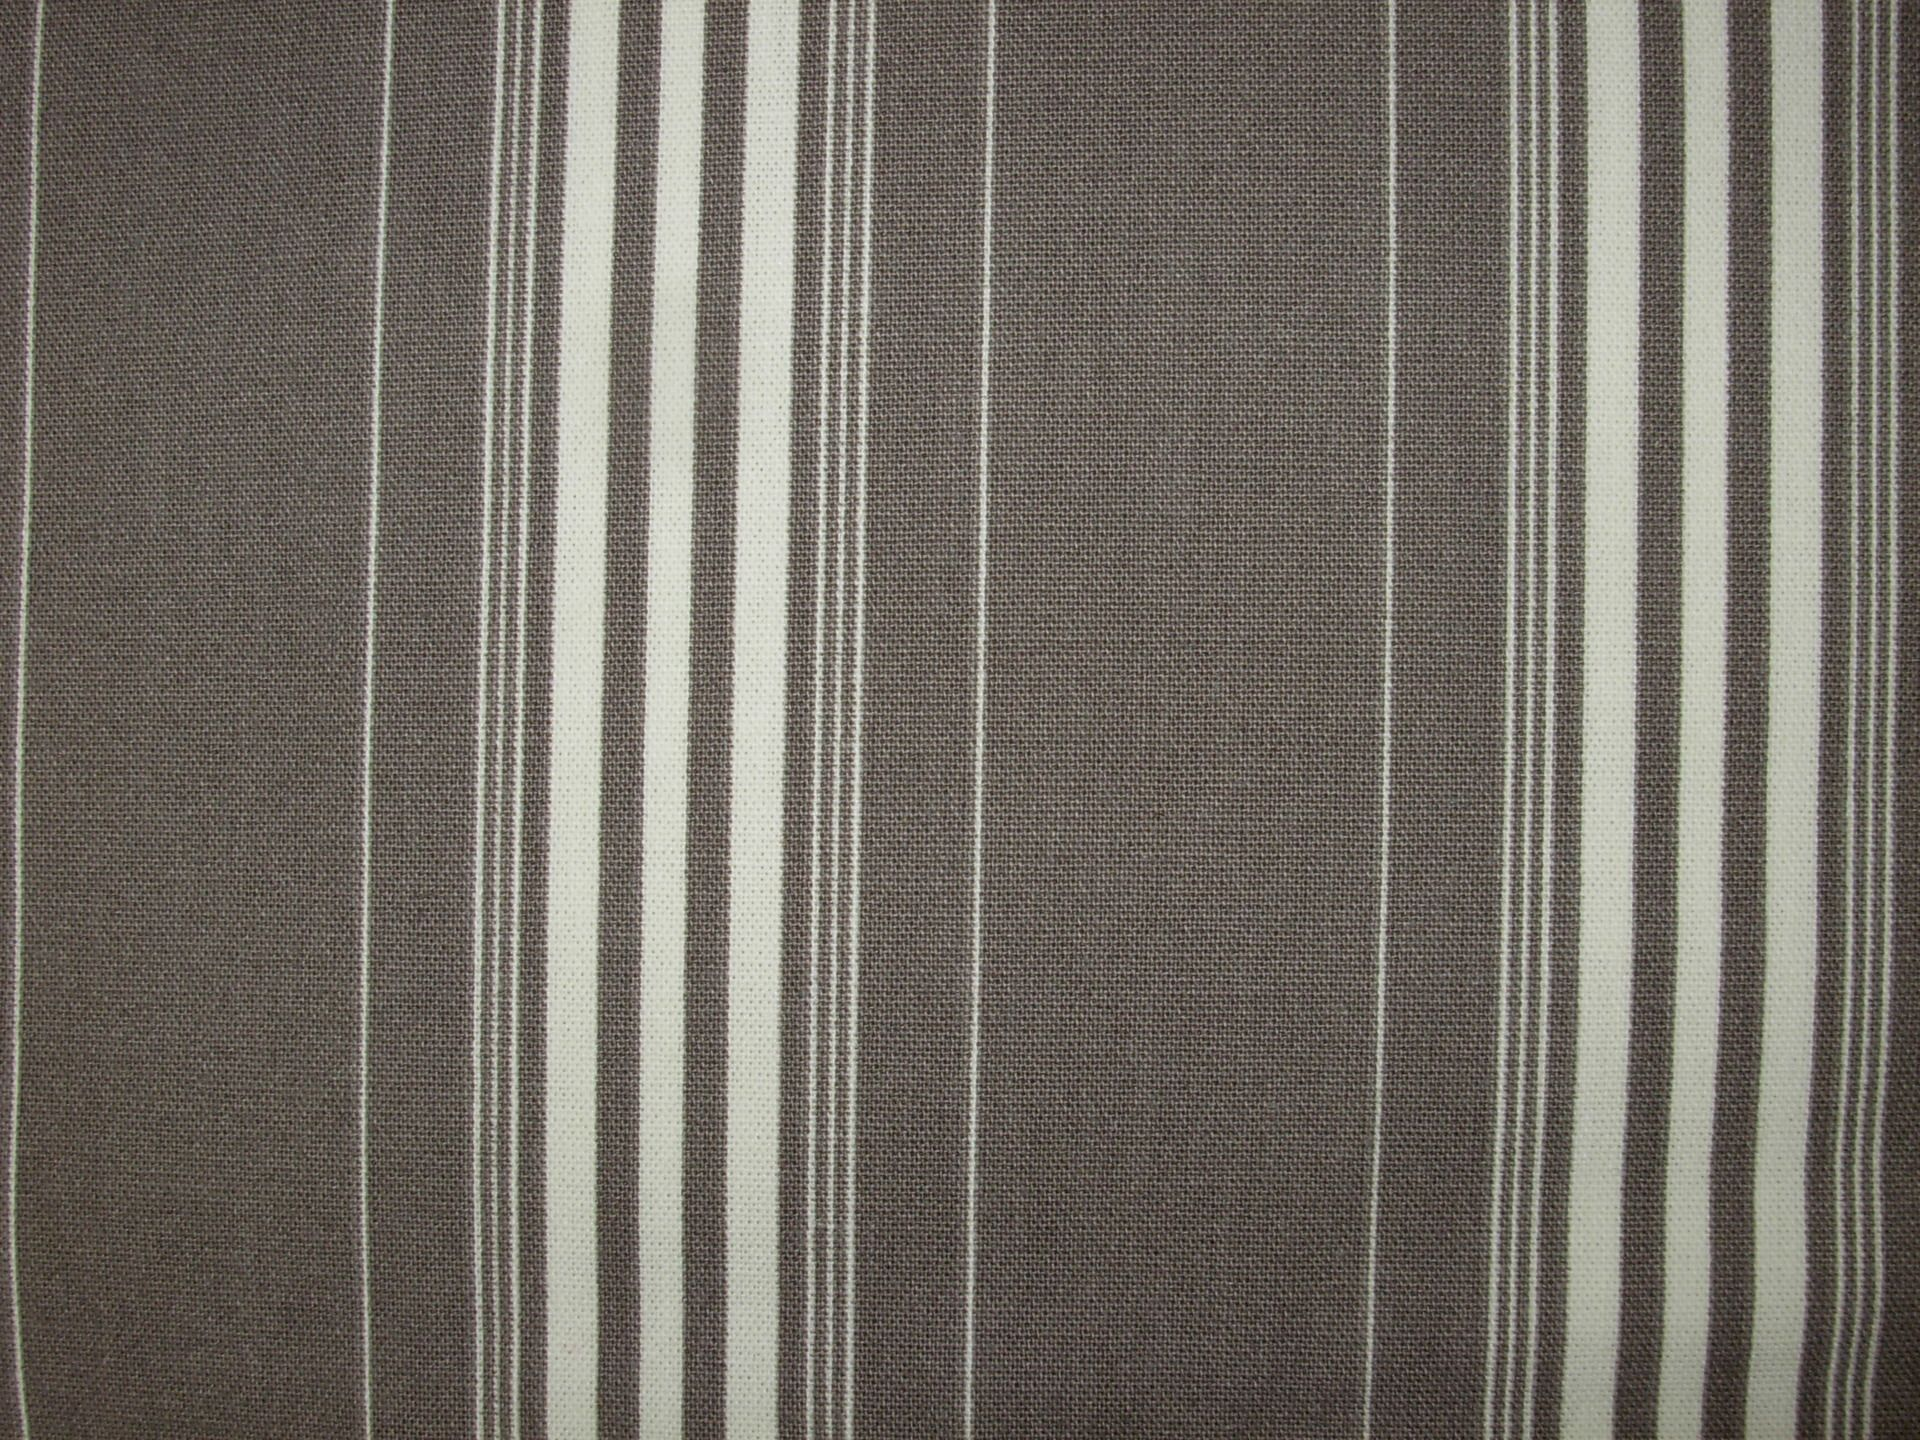 Coton bachette intérieur/extérieur rayé marron glacé et blanc - 0.55m x 280cm : Tissus Ameublement par l-atelier-rikittyn